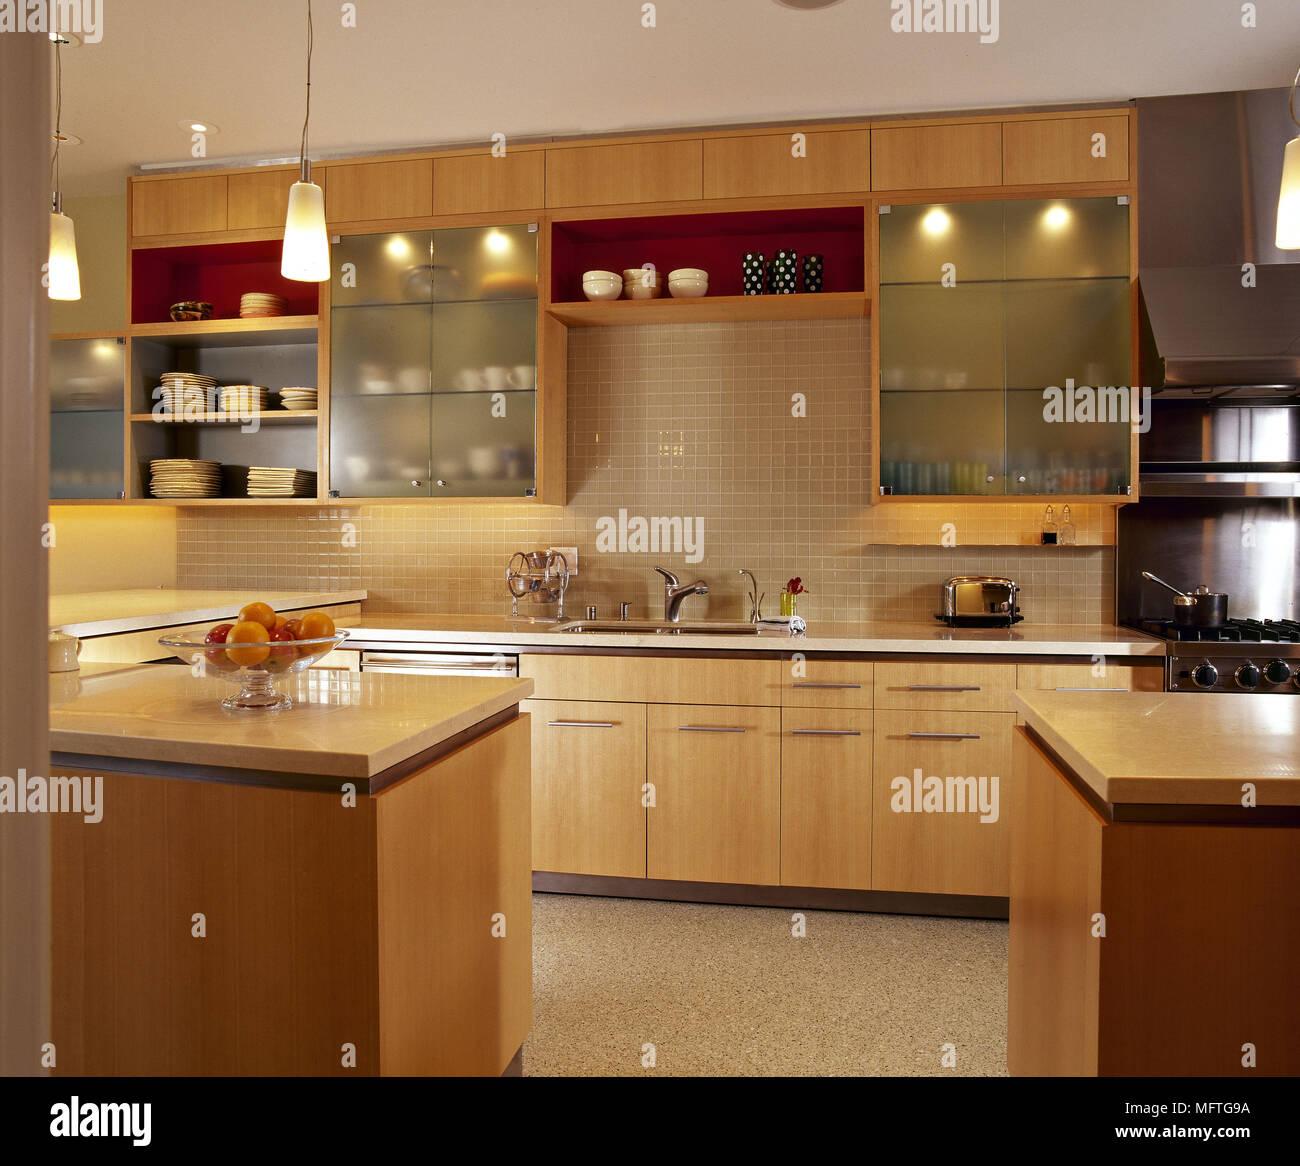 Cucina moderna unità di legno vetro frontale in armadi pareti ...